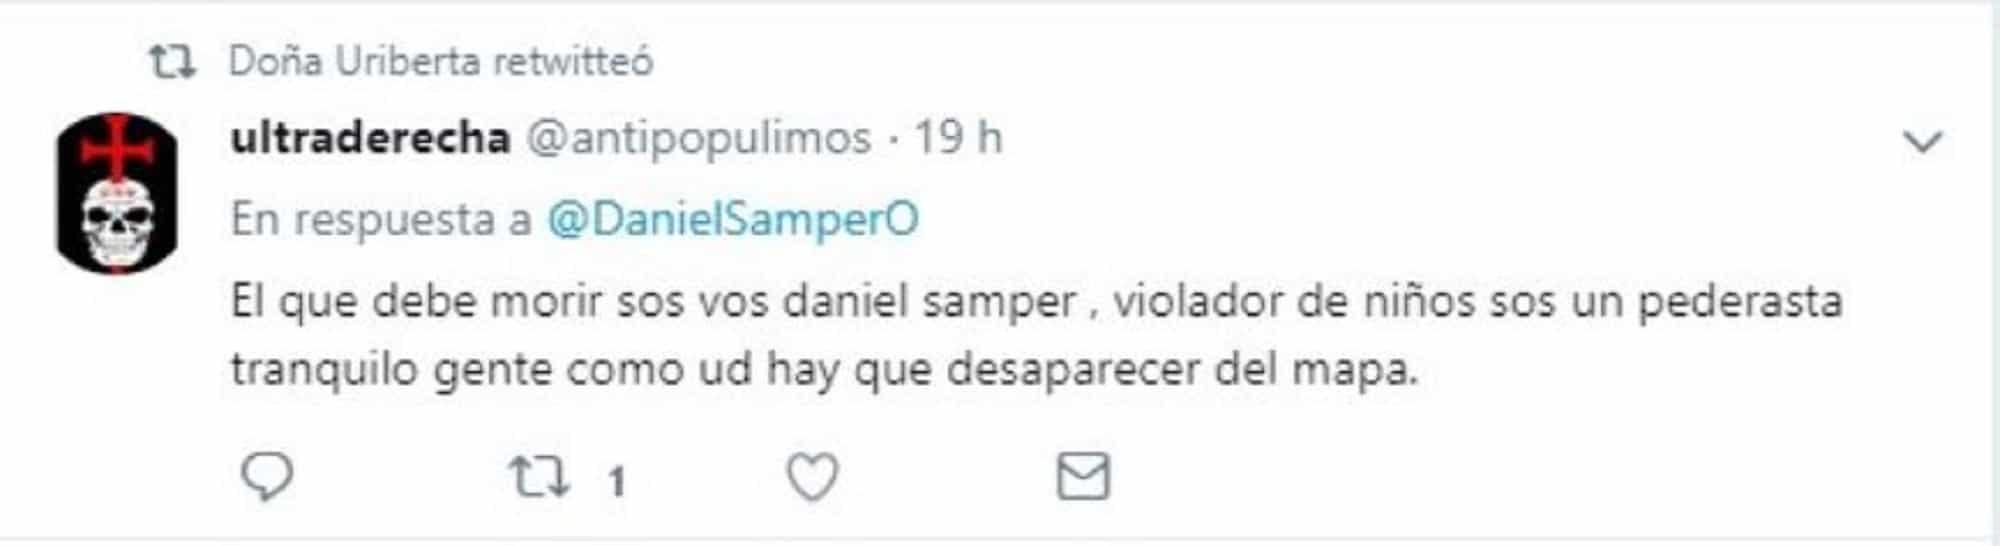 Amenaza a Daniel Samper